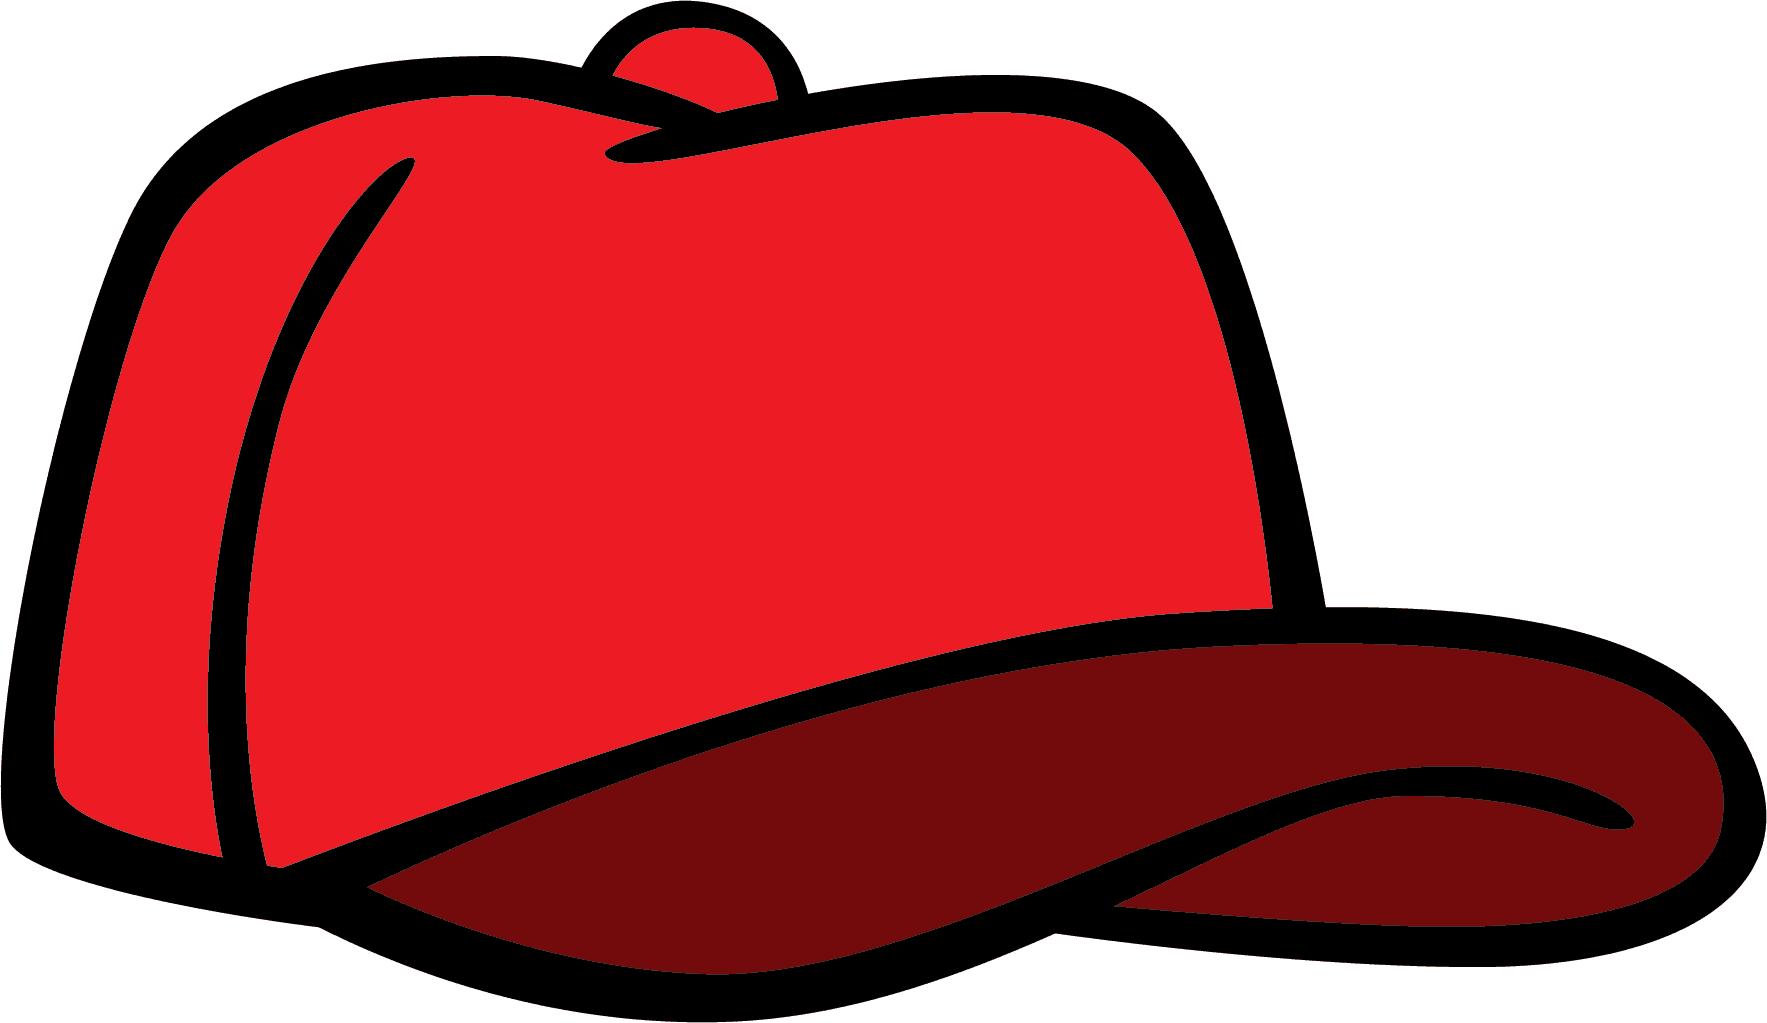 Hat clip art free clipart images-Hat clip art free clipart images-0